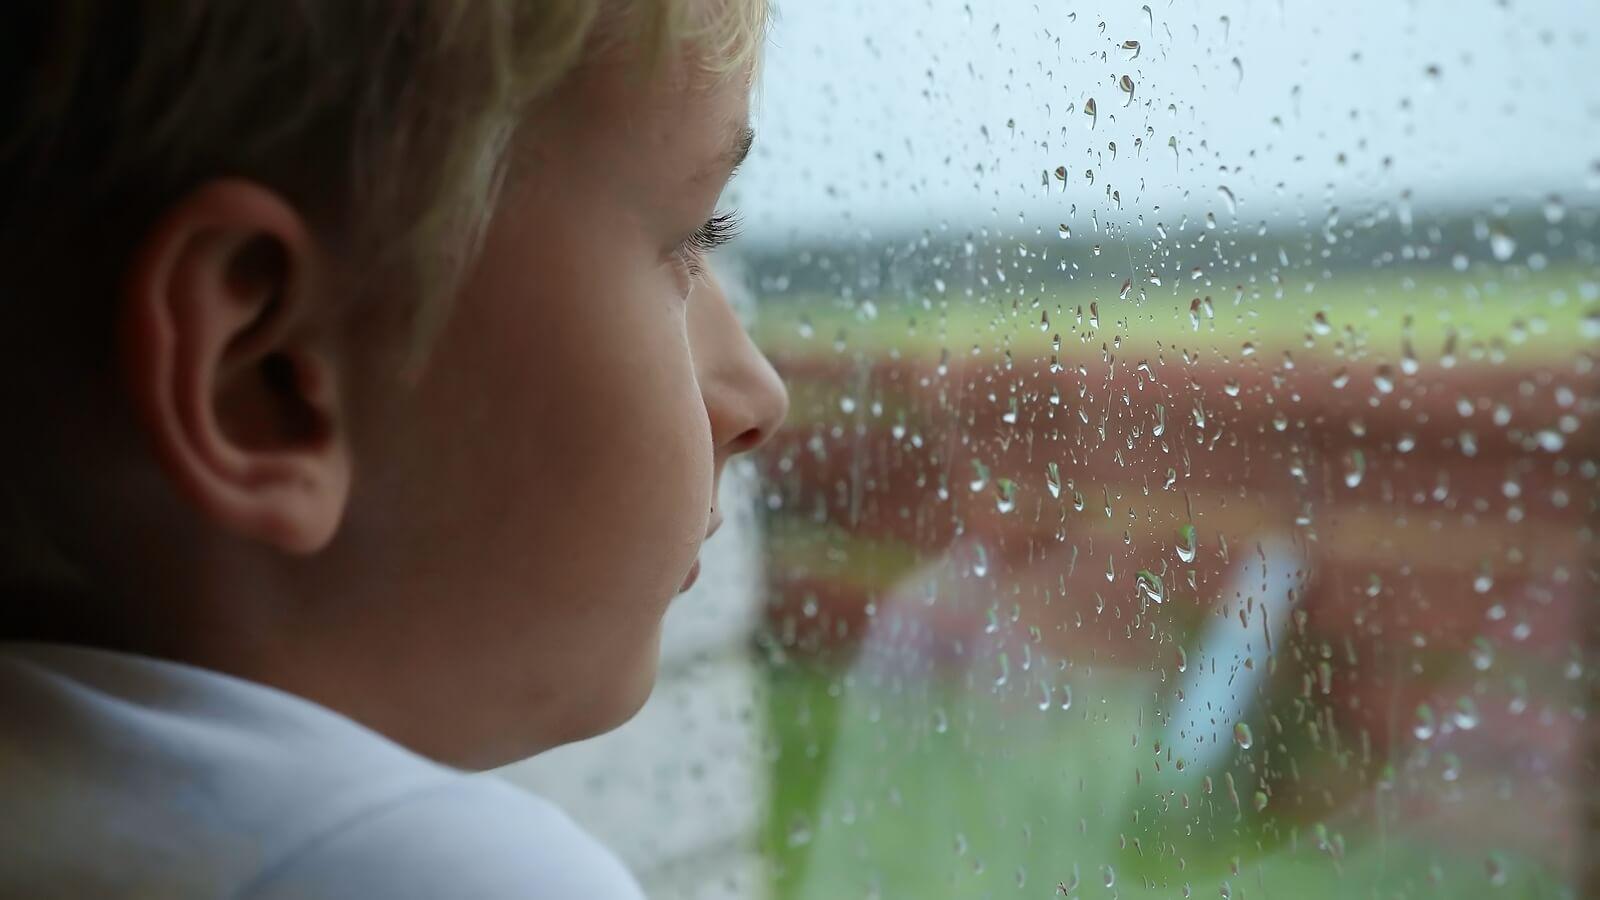 Niño mirando por la ventana pensado en el suicidio.